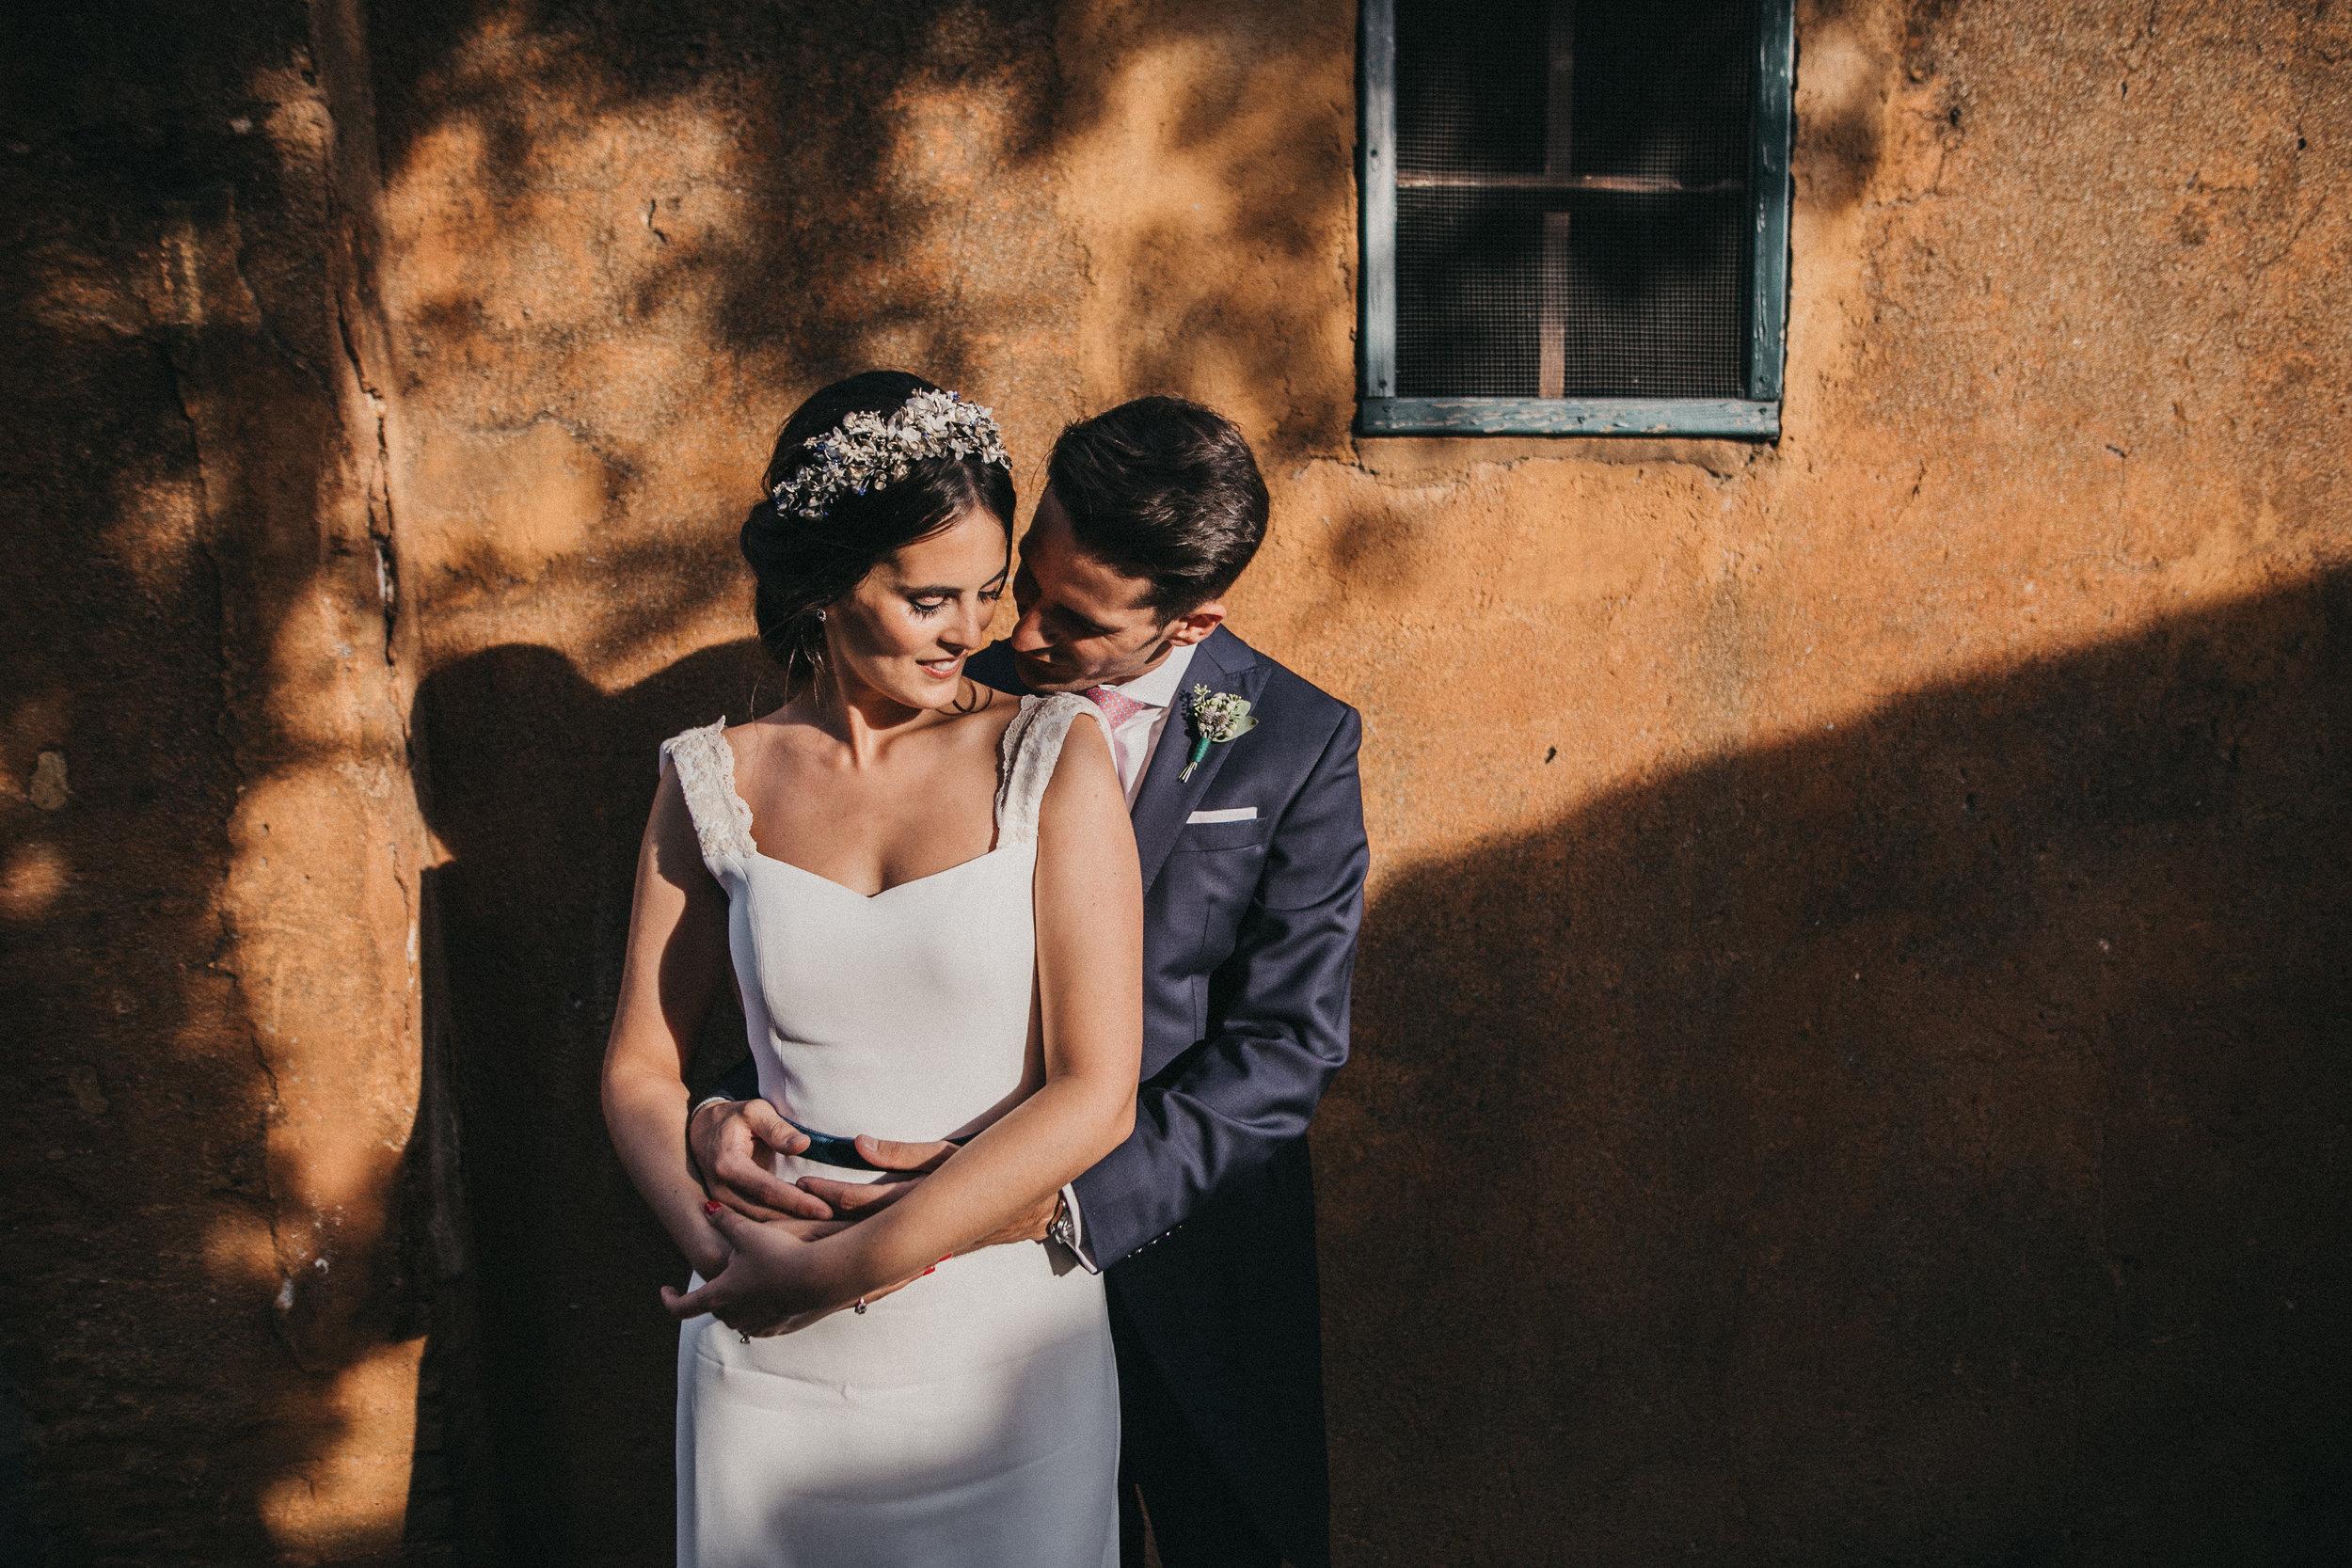 Fotografo de bodas españa serafin castillo wedding photographer spain 974.jpg